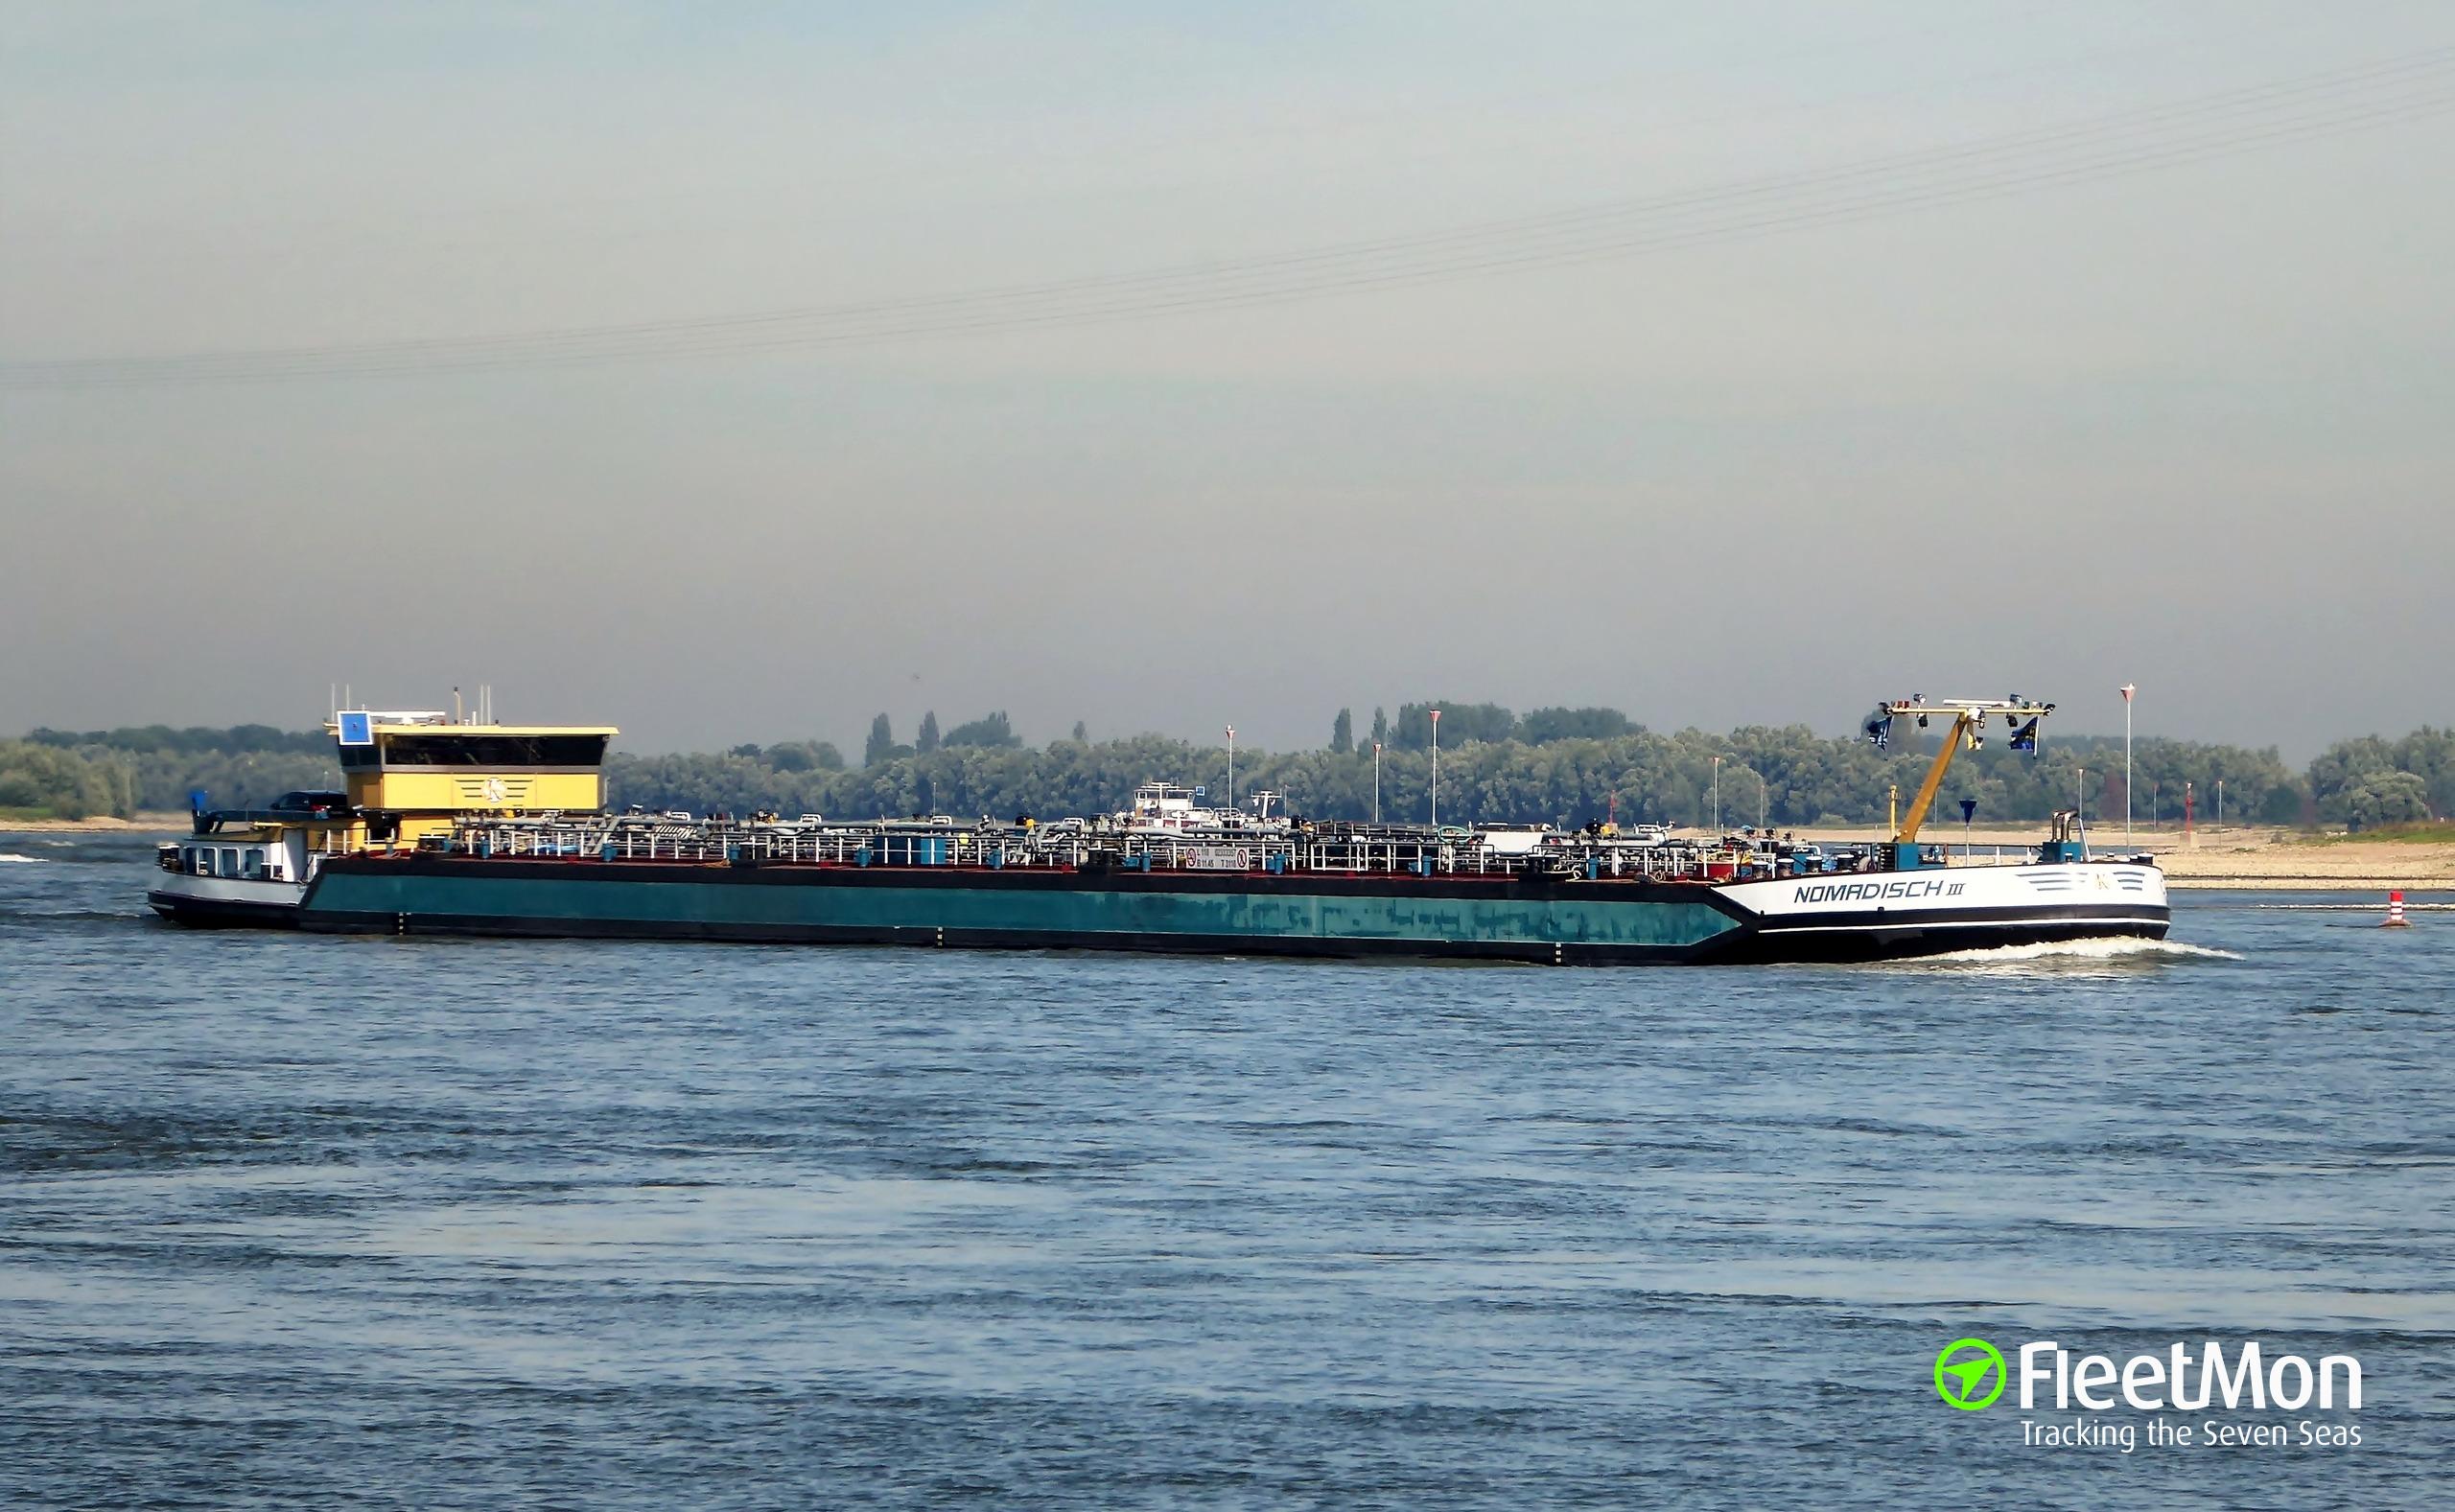 Maritime Bad Godesberg : Photo of NOMADISCH 3 (MMSI 244700253, Callsign PB7696) taken by